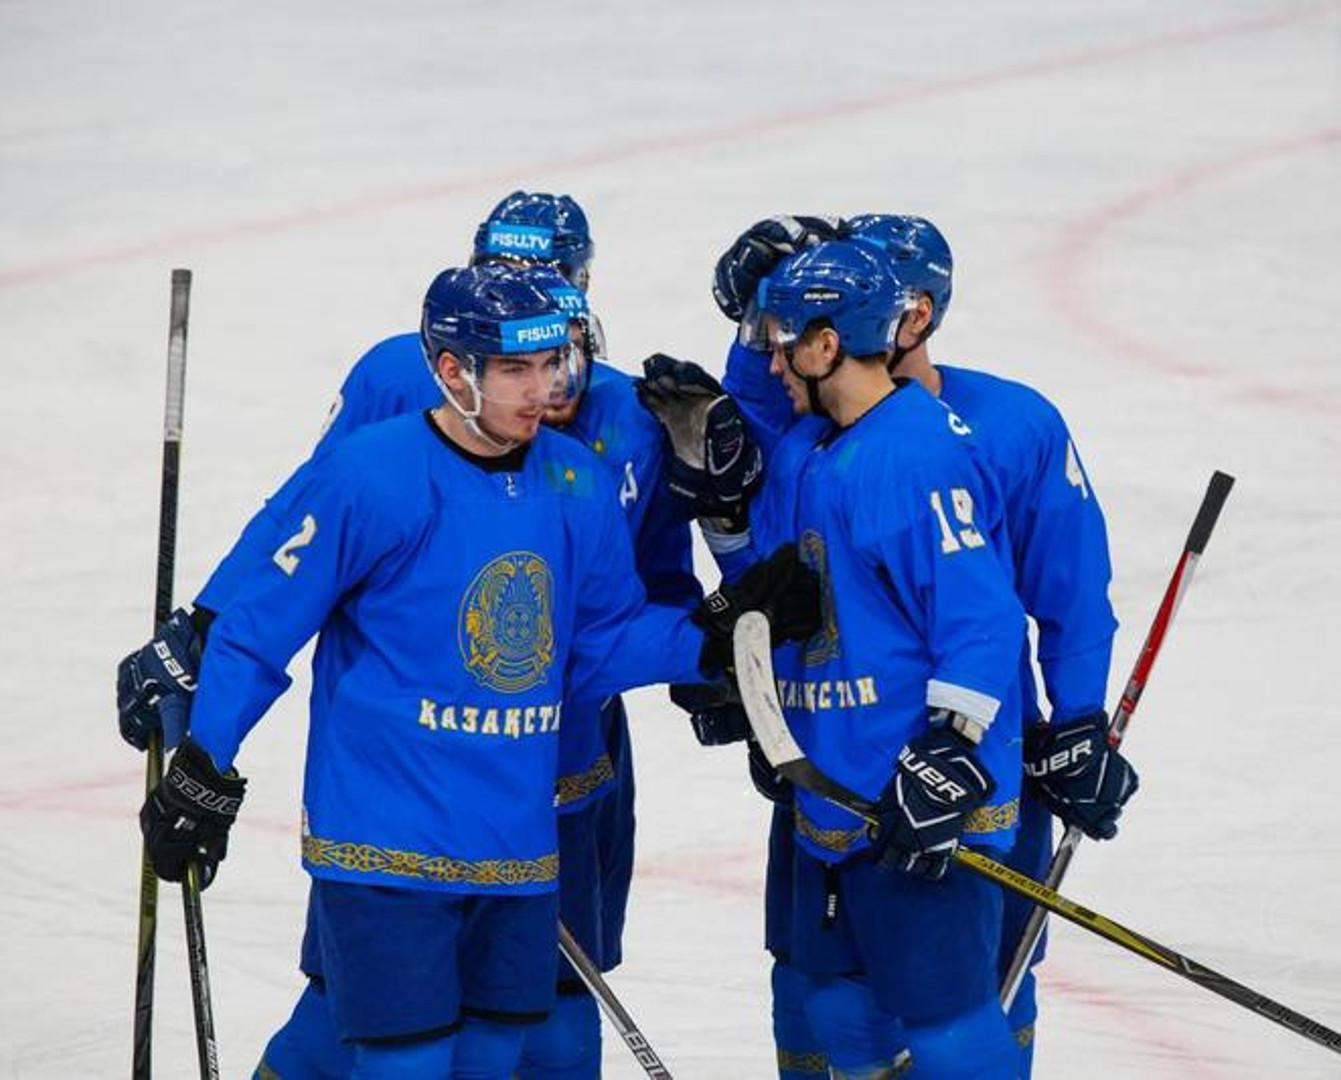 Сборная Казахстана по хоккею заняла четвертое место на Универсиаде-2019